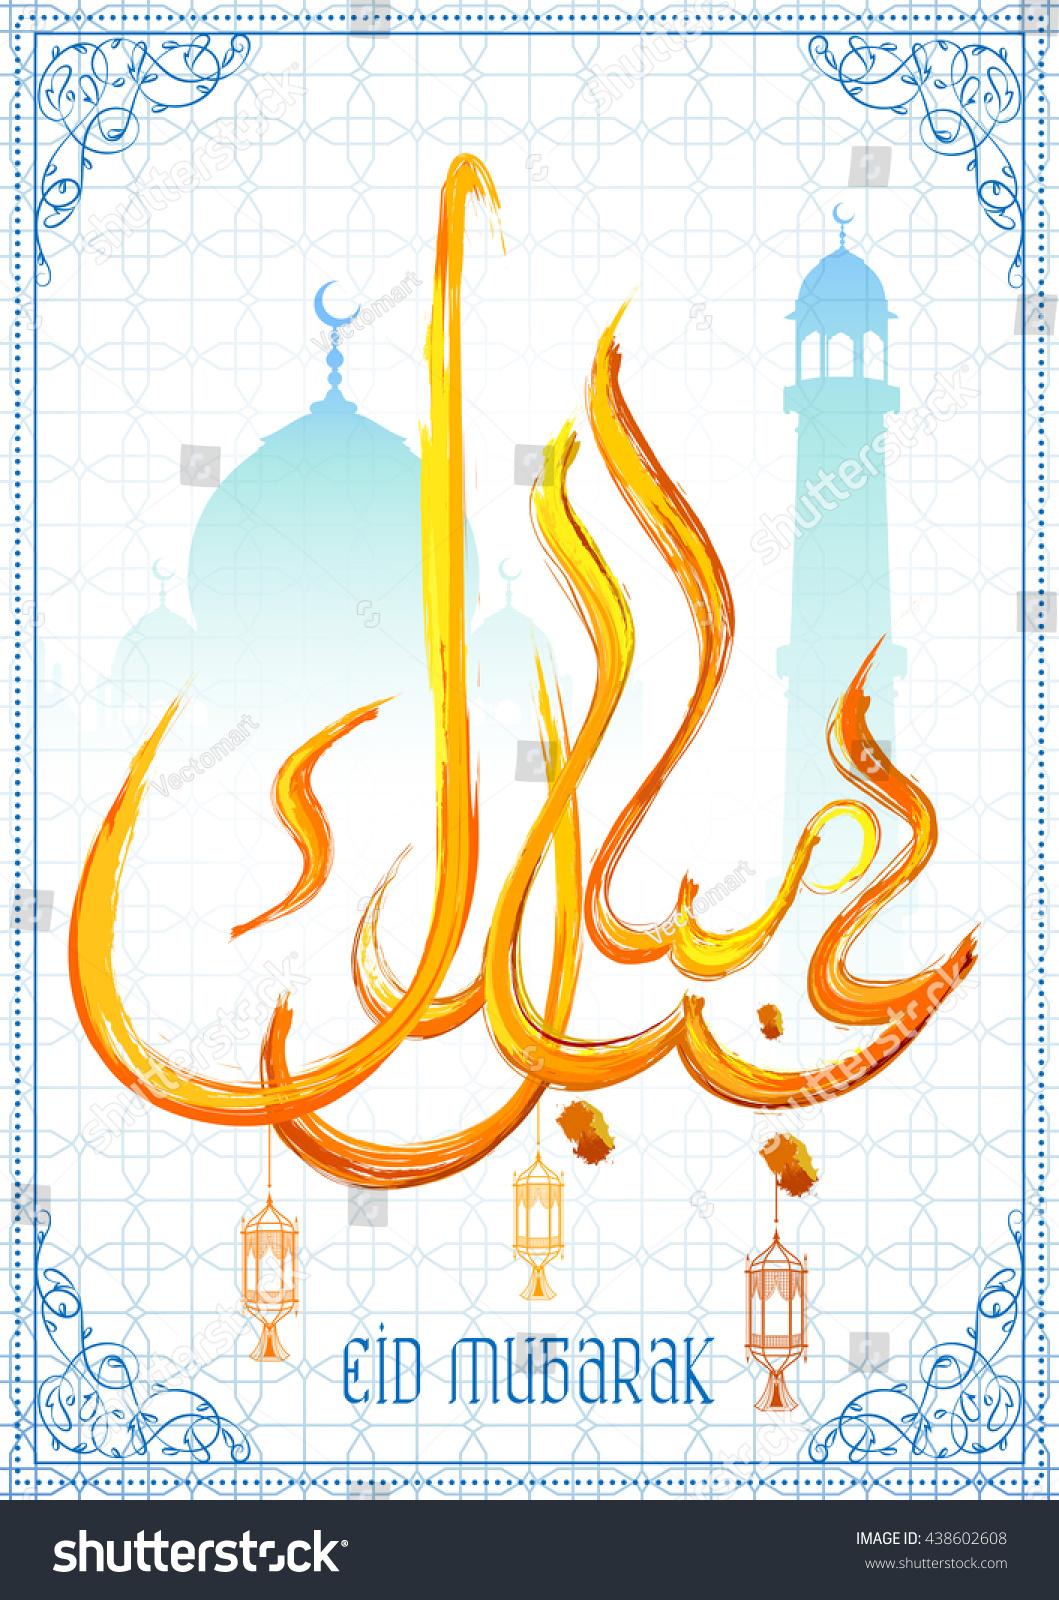 Illustration Illuminated Lamp On Eid Mubarak Stock Vector 438602608